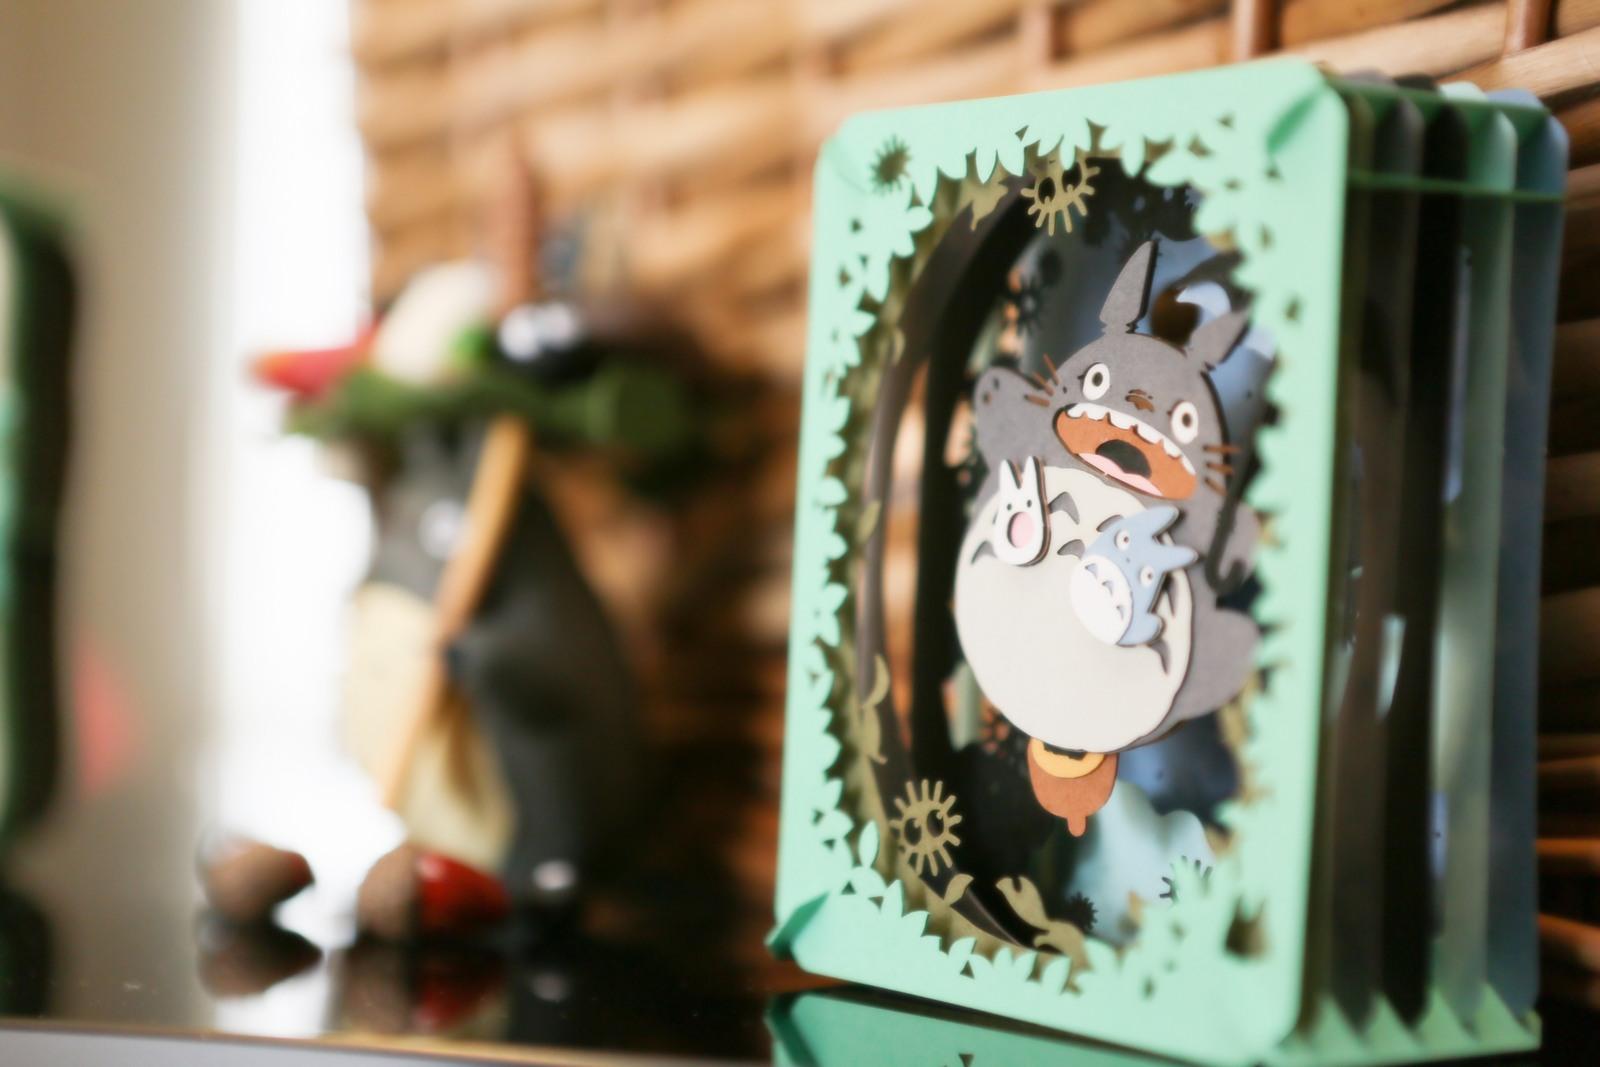 徳島市の結婚式場ブランアンジュで大好きなトトロを飾ったロビー